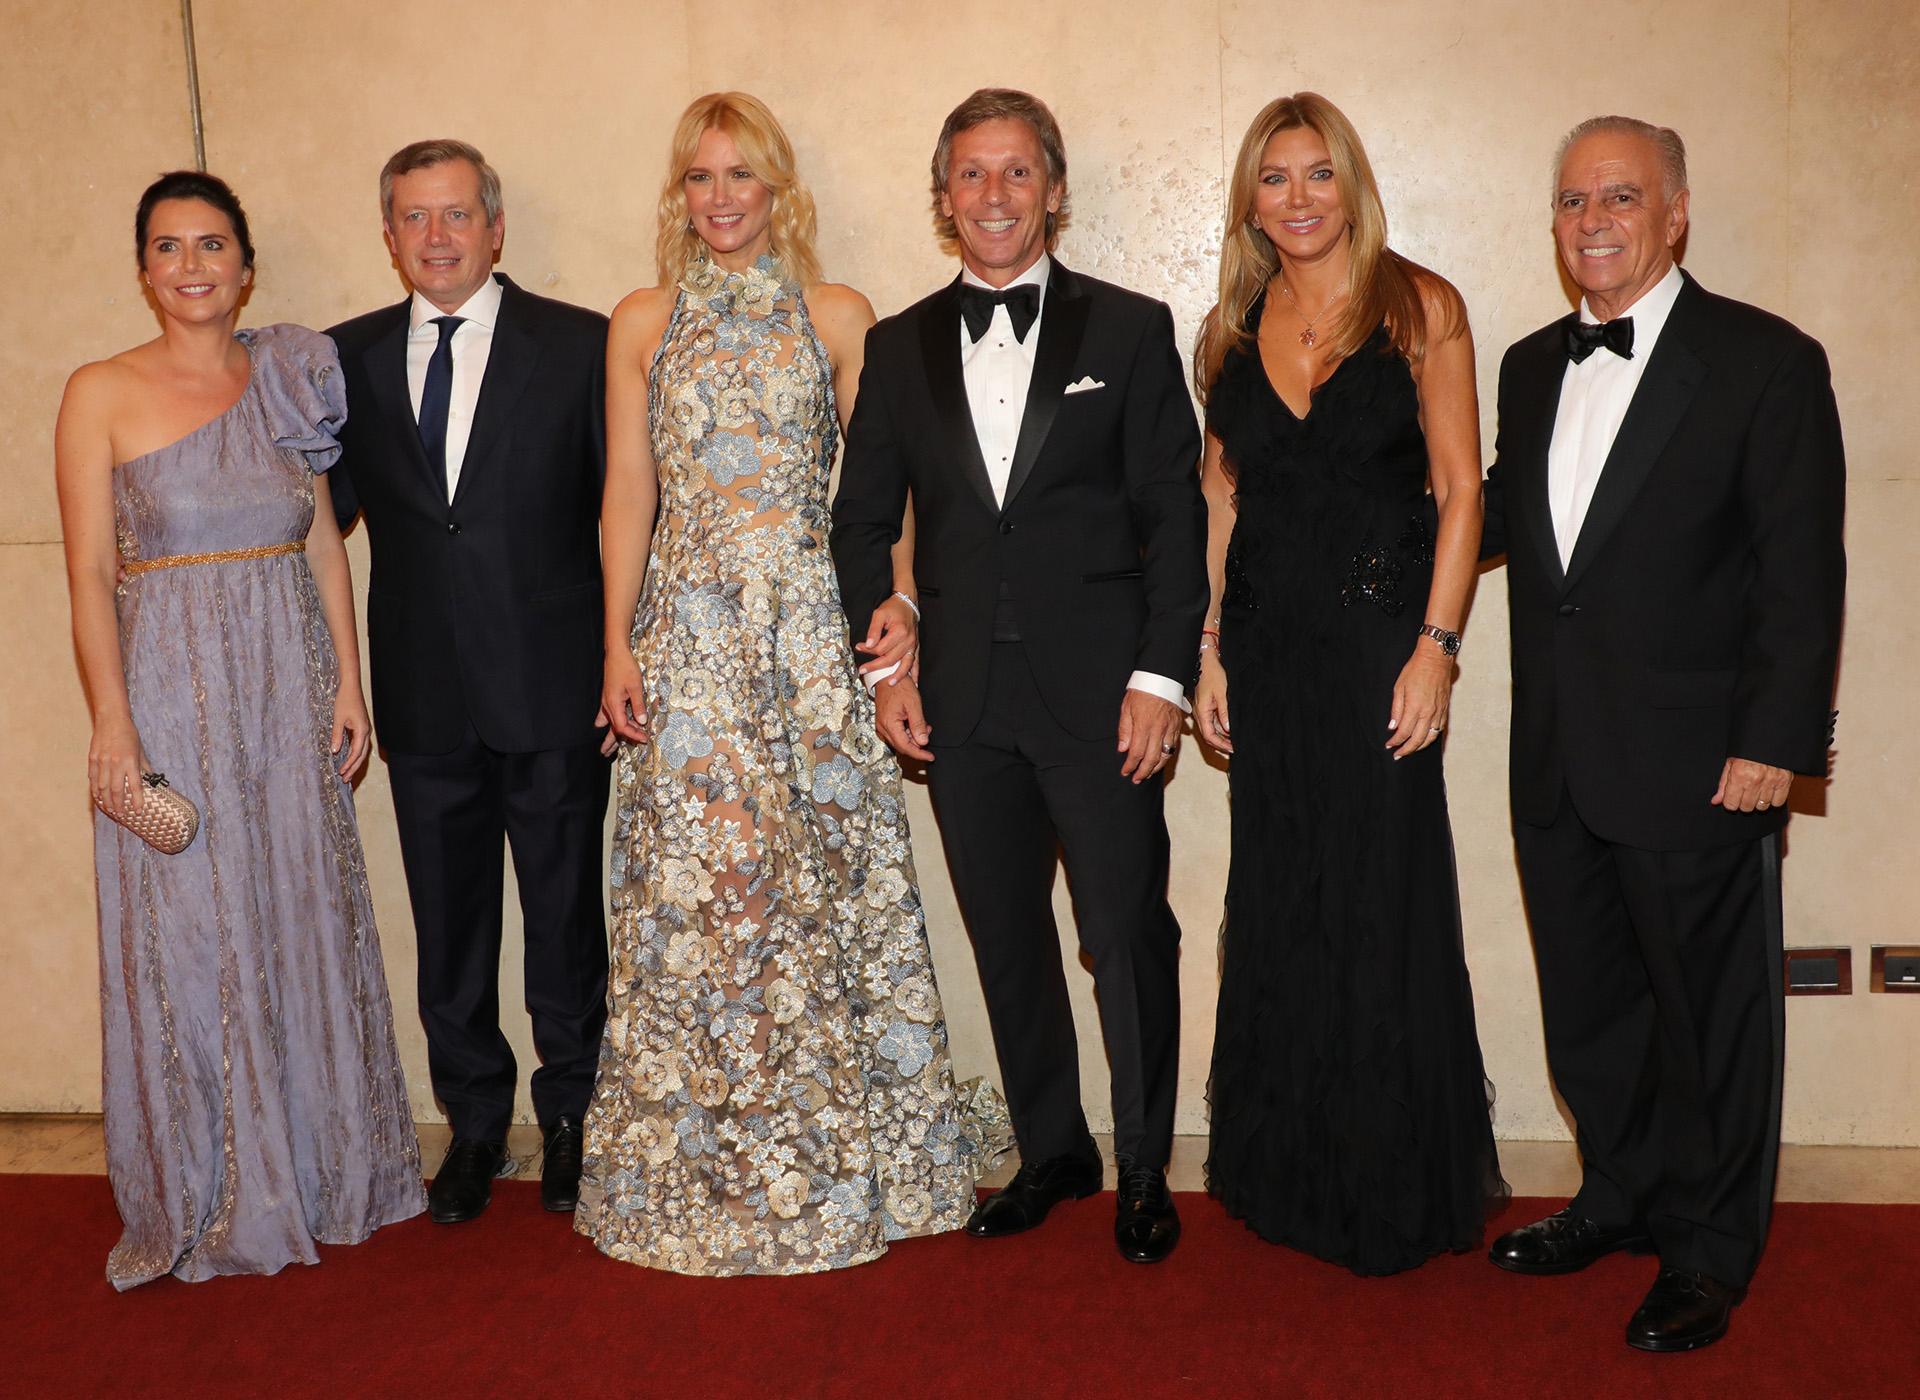 El presidente de la Cámara de Diputados, Emilio Monzó, y su mujer Karen Sánchez; Valeria Mazza y Alejandro Gravier; y Bettina y Alejandro Bulgheroni